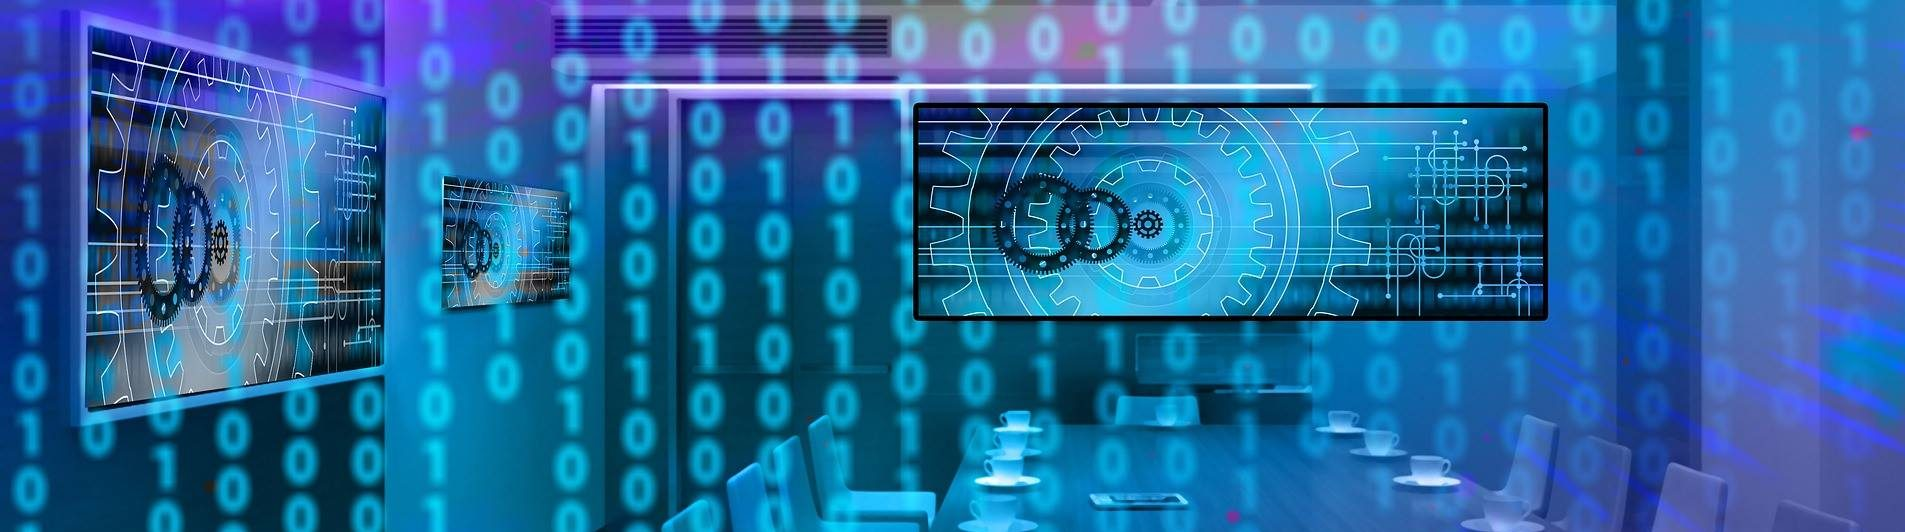 Industrie 4.0 Maschinen vernetzen und Produktionsabläufe digitalisieren